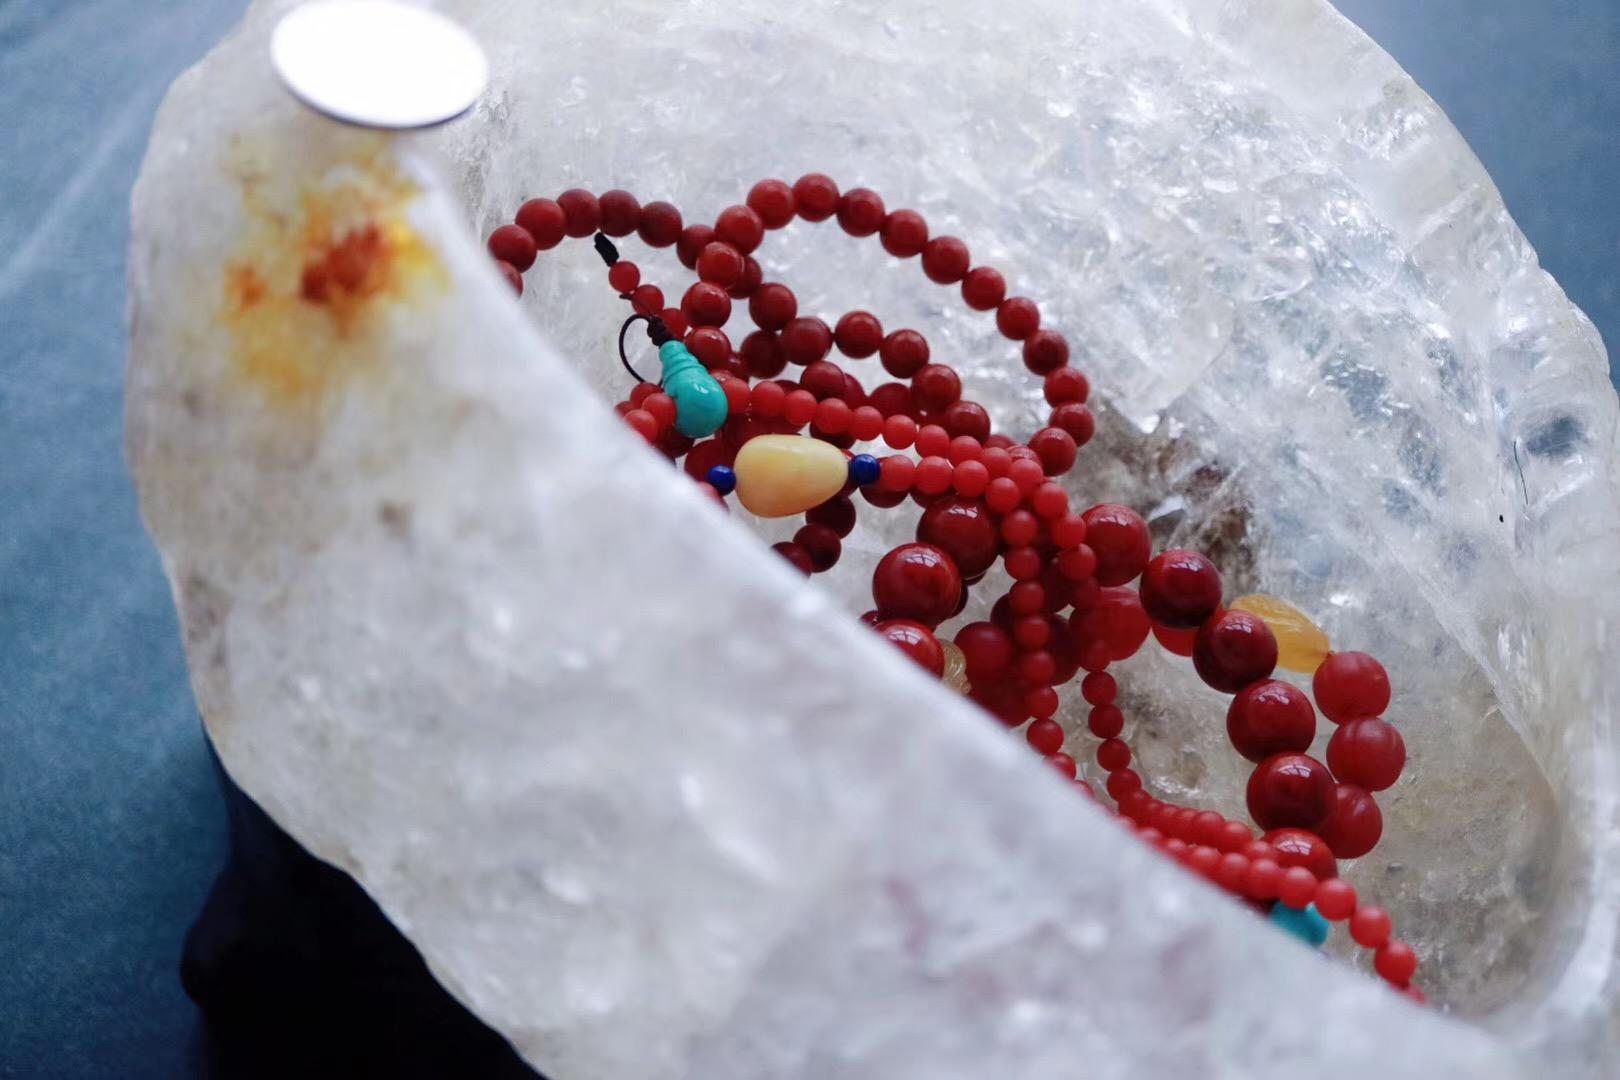 【菩心   白水晶聚宝盆】风水学上,天然水晶有风水石之称-菩心晶舍